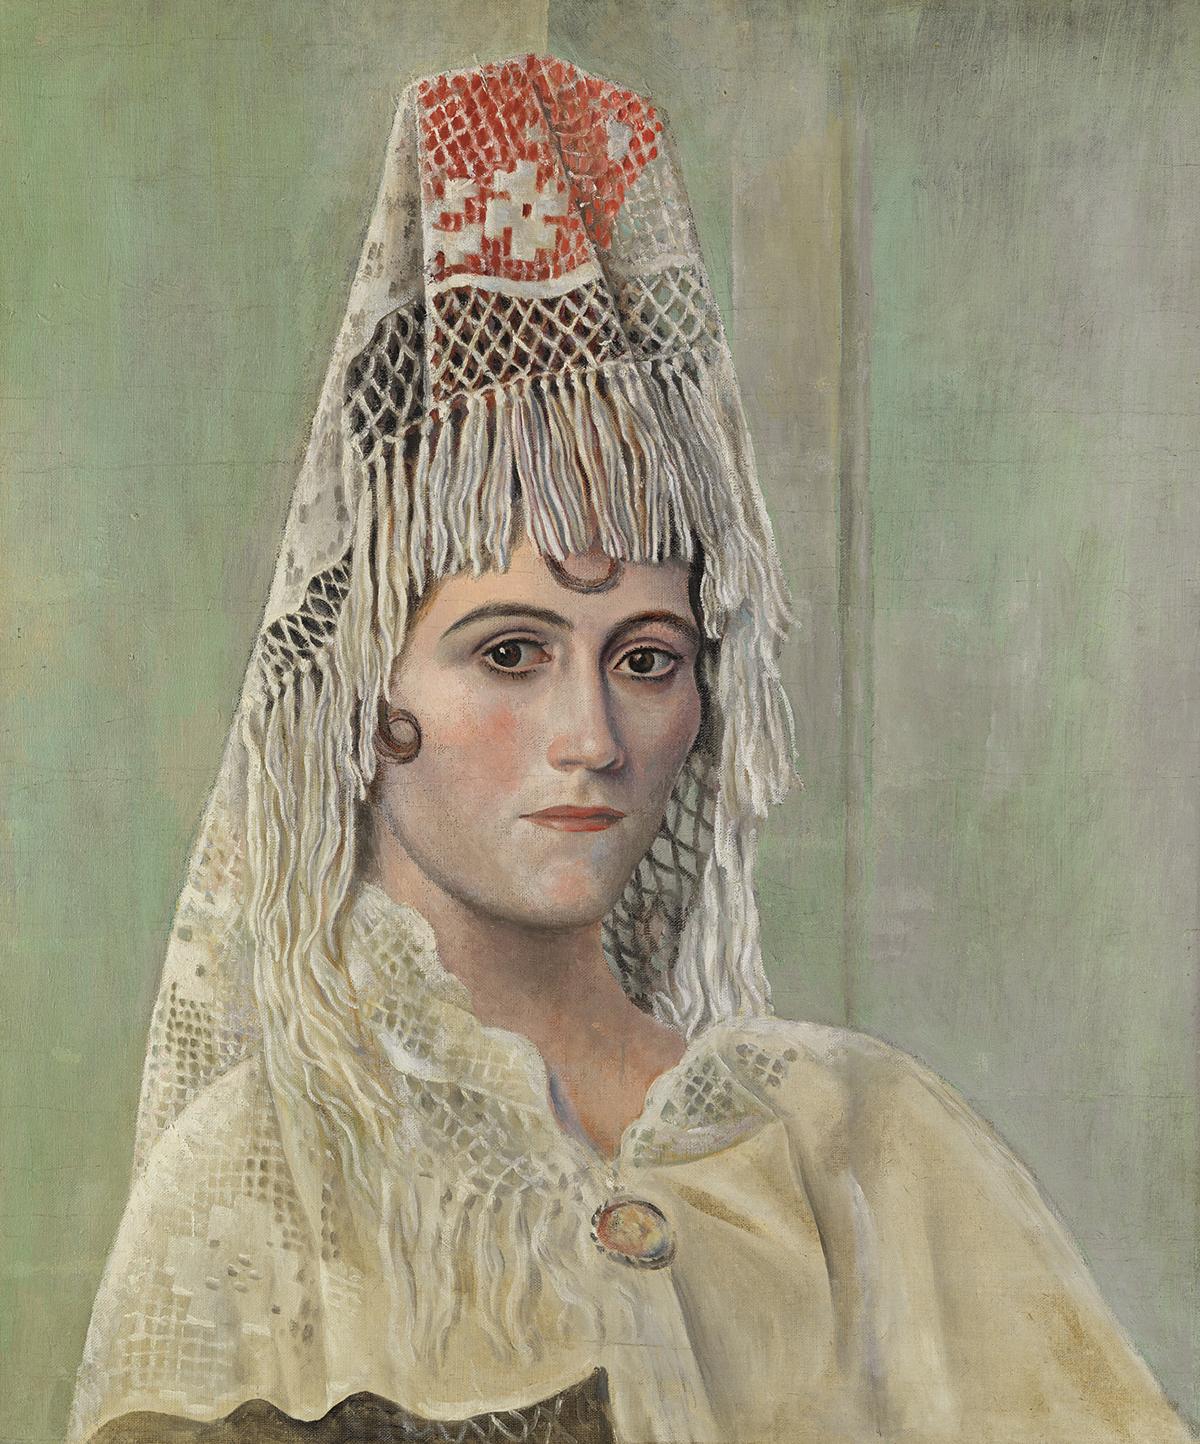 Pablo Picasso. Olga Khokhlova à la mantille Barcelone, 1917. Huile sur toile. 64 x 53 cm Droit auteur:©Succession Picasso, 2017. Crédit photo : © Photo: Equipo Gasull